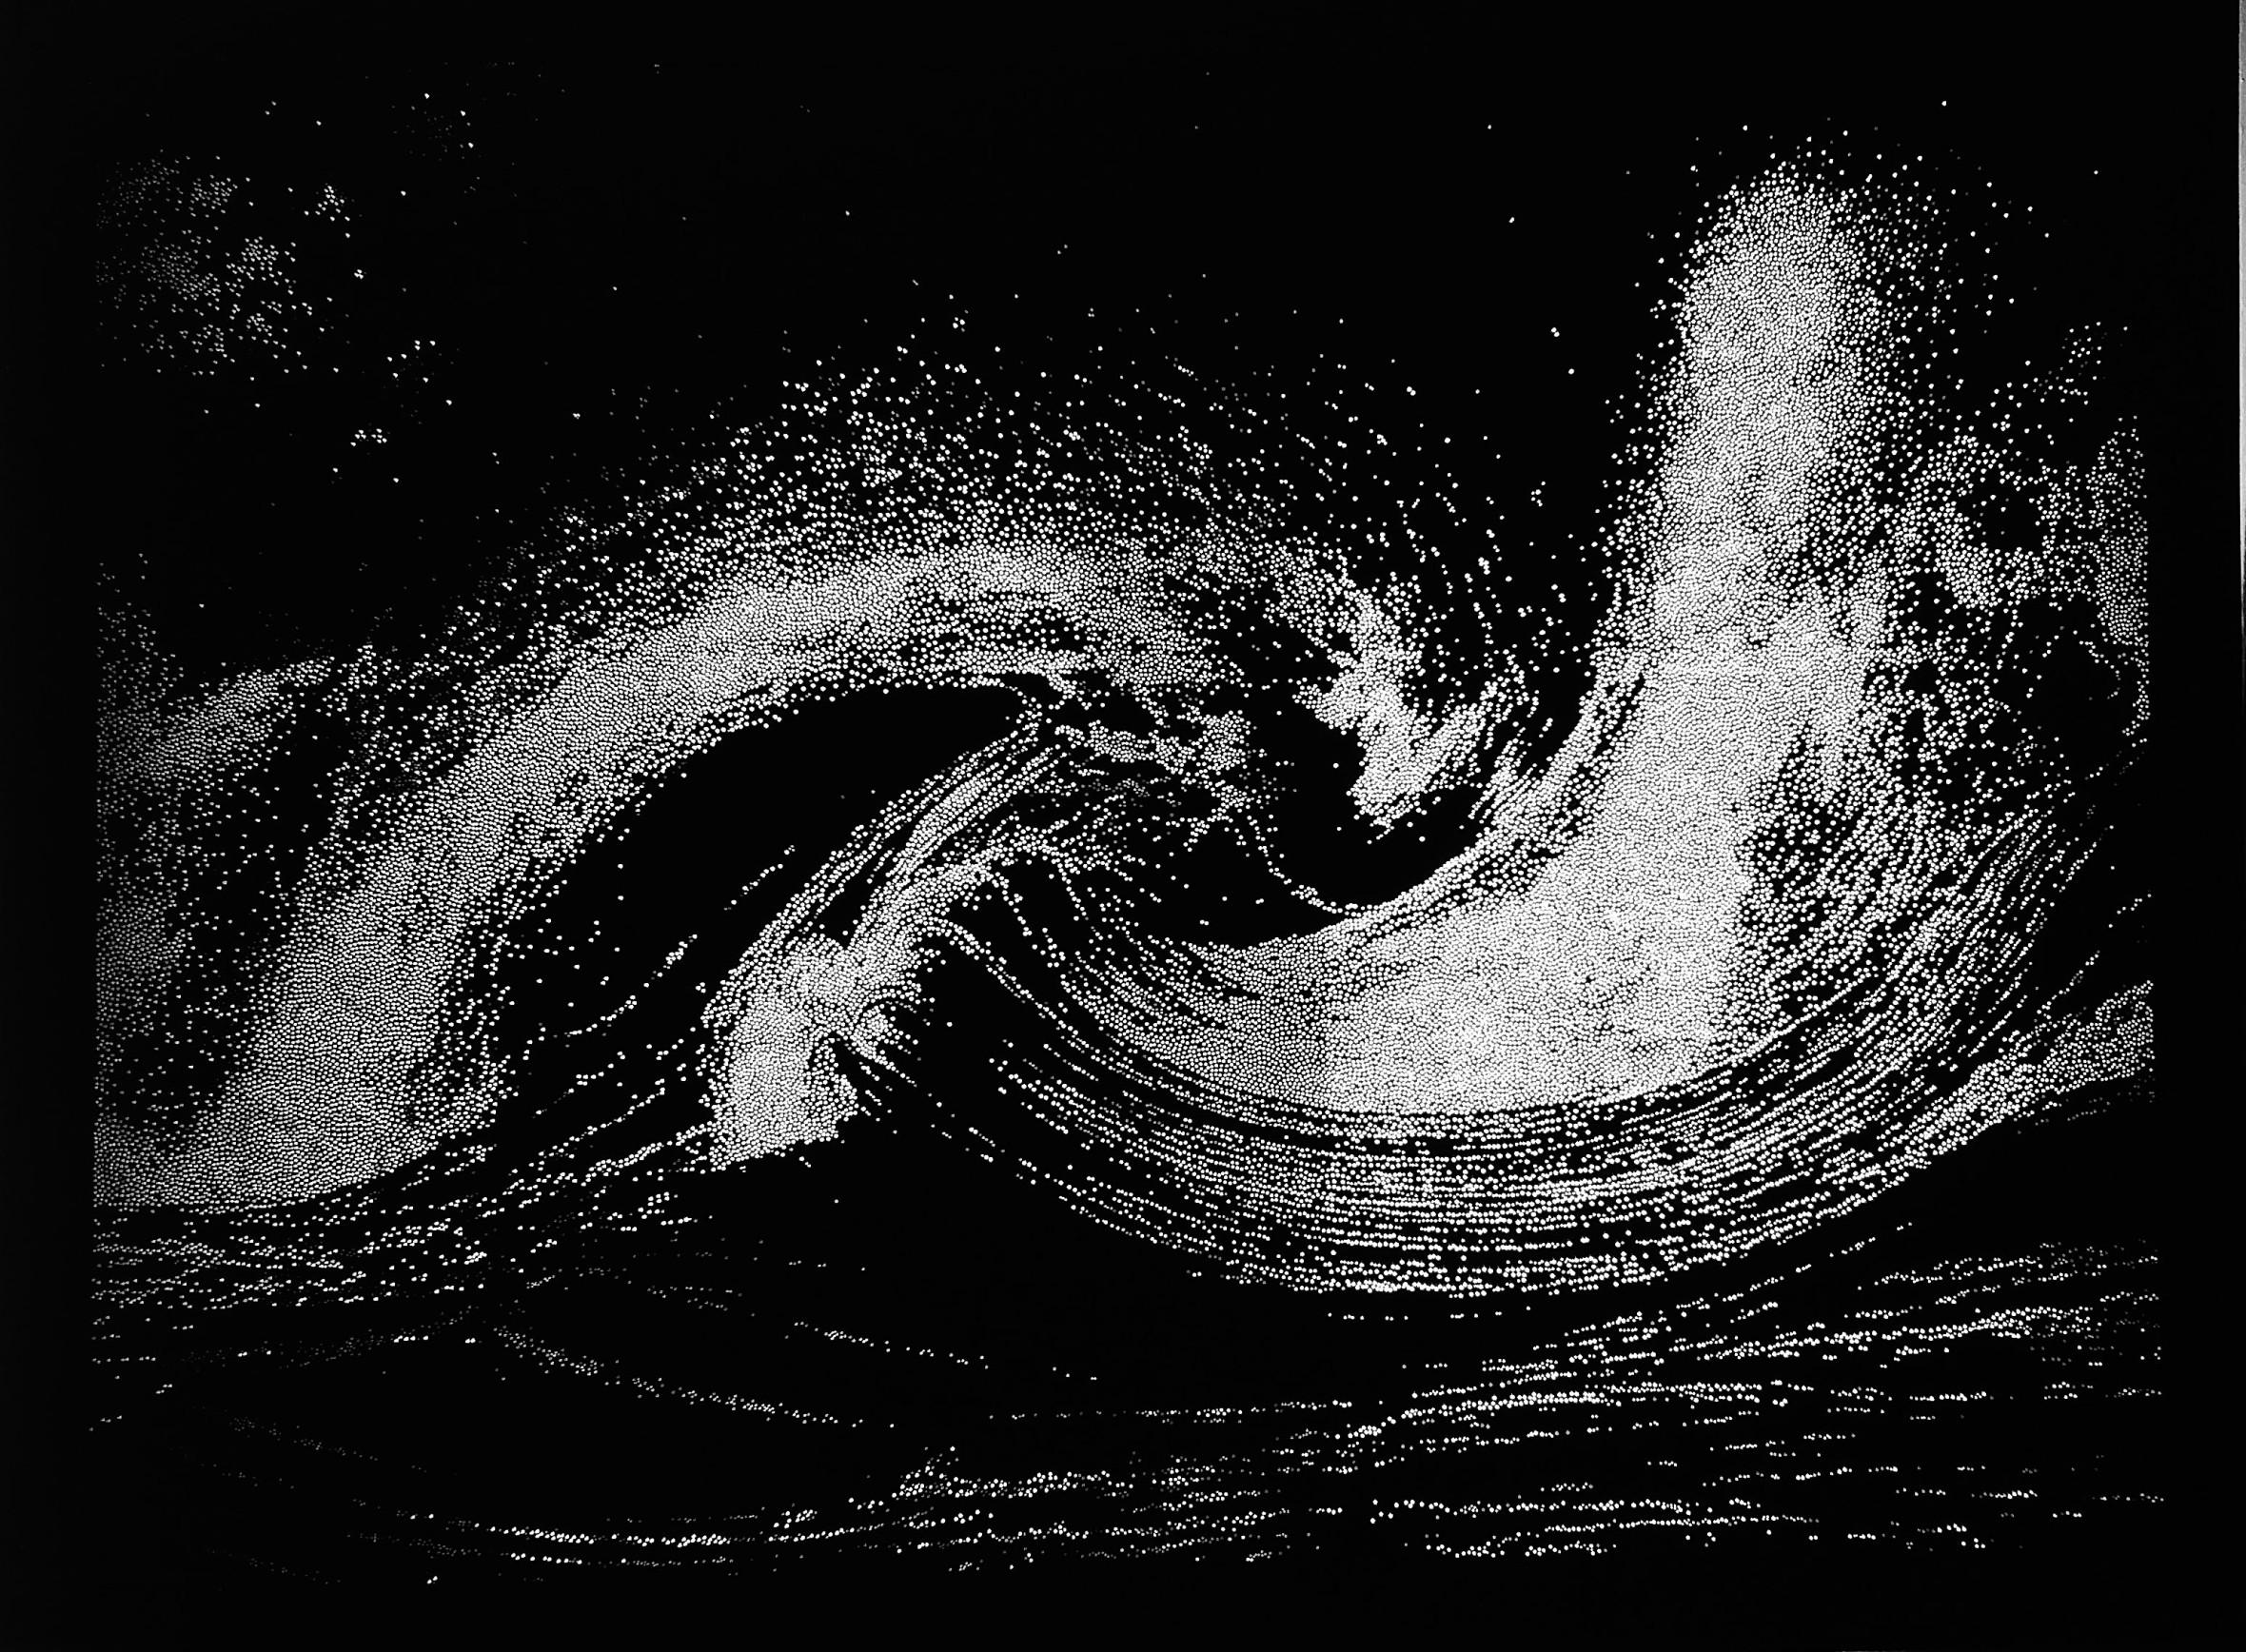 Stormy seas1.jpg